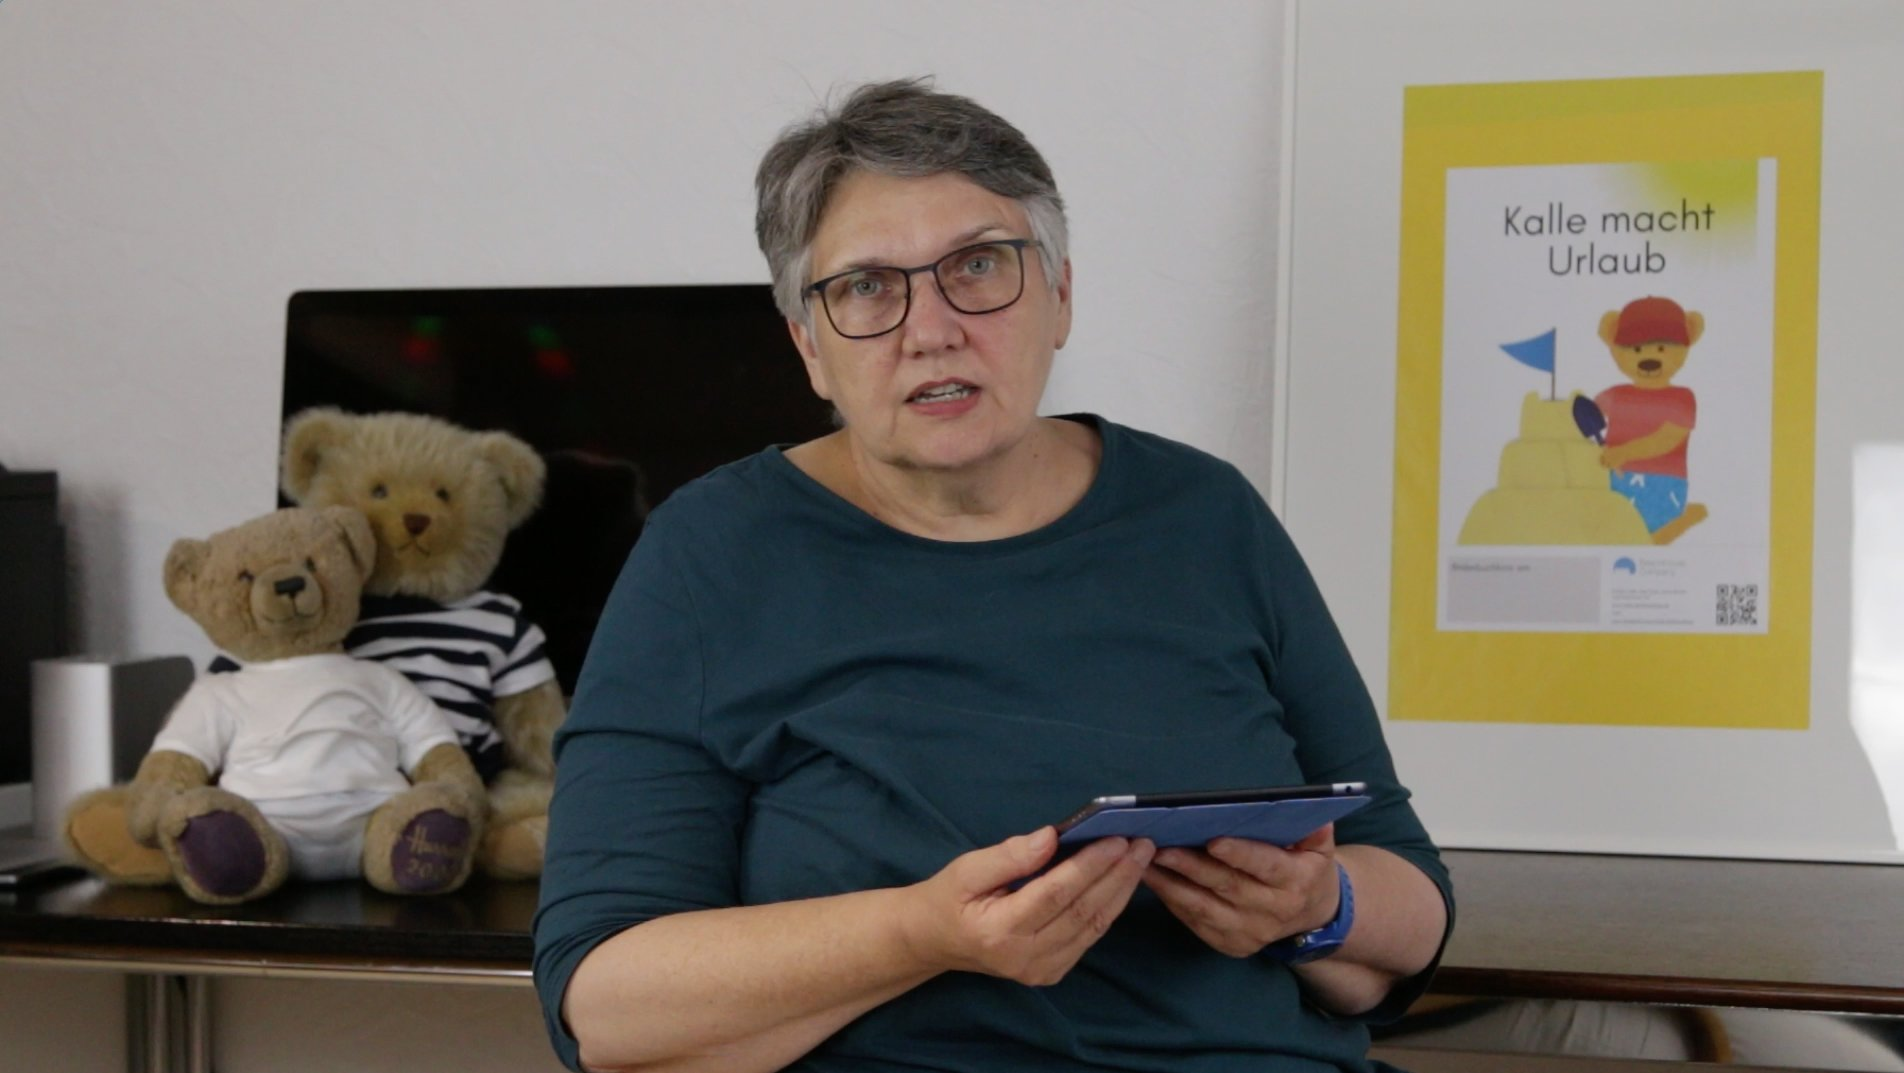 Die Autorin Hanne Lore liest eine Extra Geschichte zum Kinderbuch Kalle macht Urlaub.